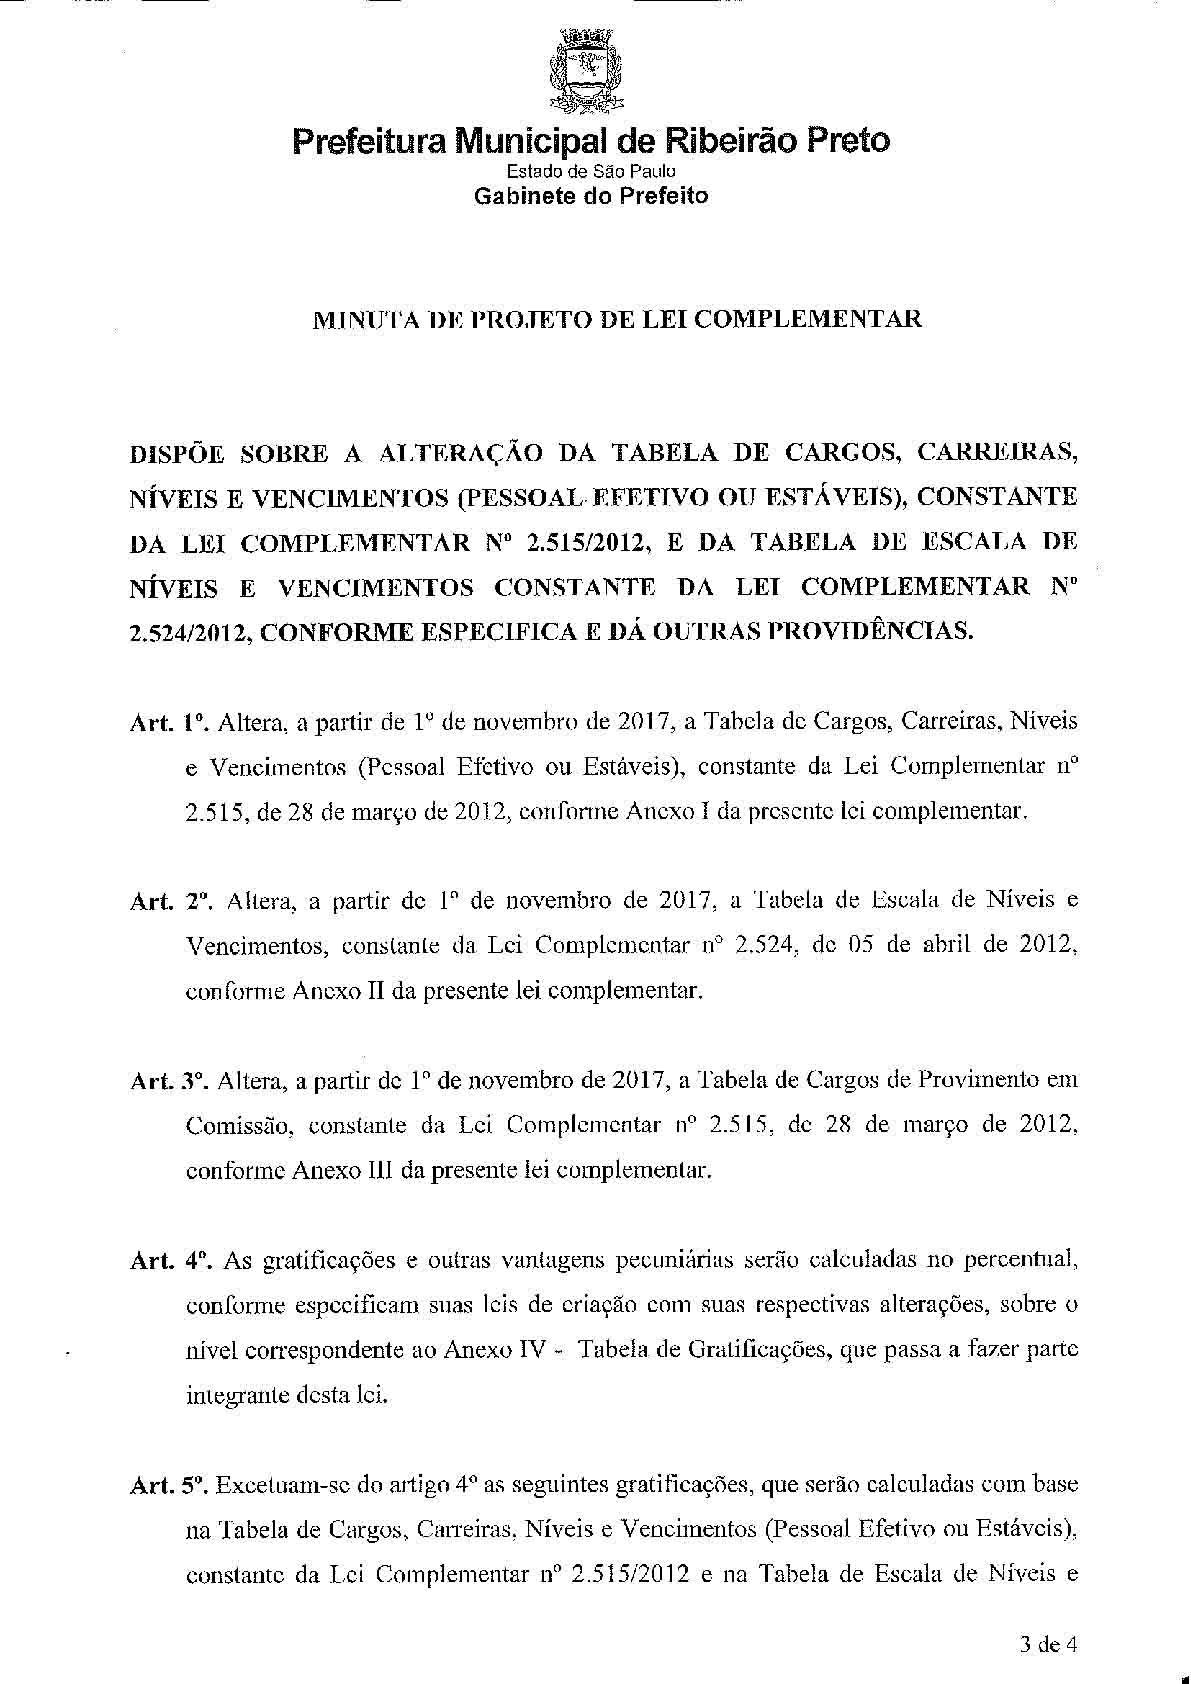 Minuta-Projeto-de-Lei_Premio-Incentivo-001